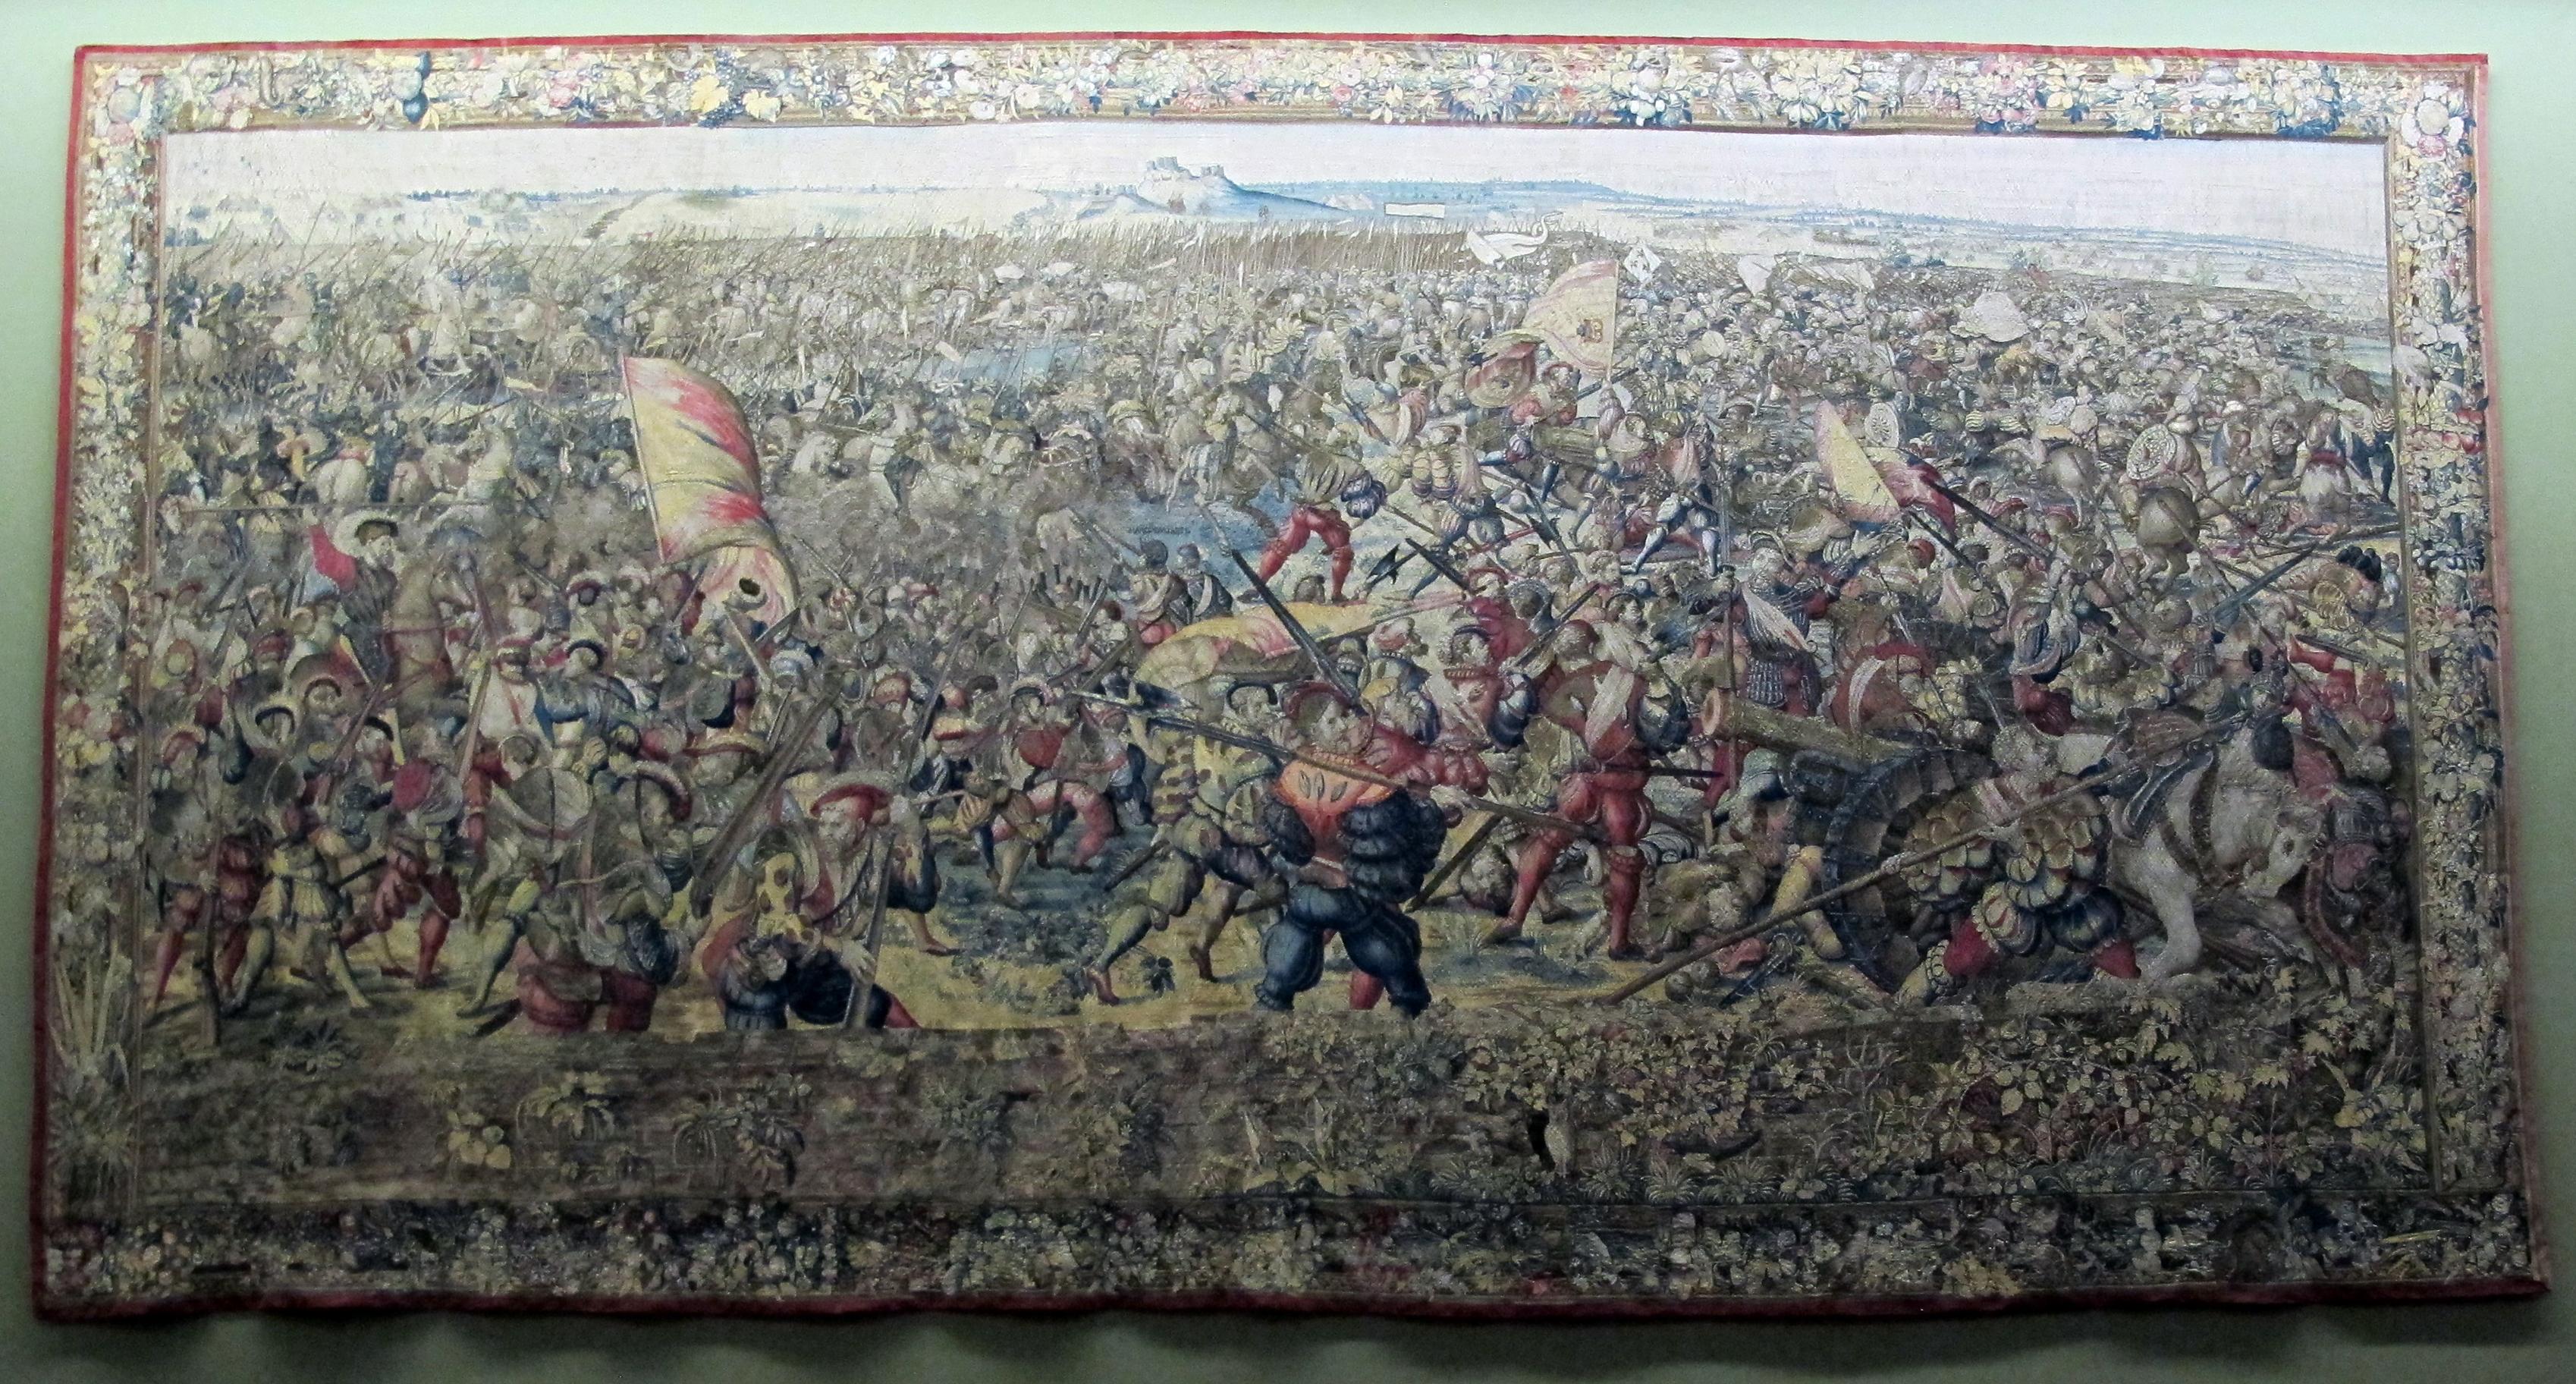 https://upload.wikimedia.org/wikipedia/commons/6/64/Manif._di_bruxelles_su_dis.di_bernart_von_orley%2C_arazzi_della_battaglia_di_pavia%2C_sconfitta_della_cavalleria_francese%2C_IGMN144484%2C_1526-31.JPG